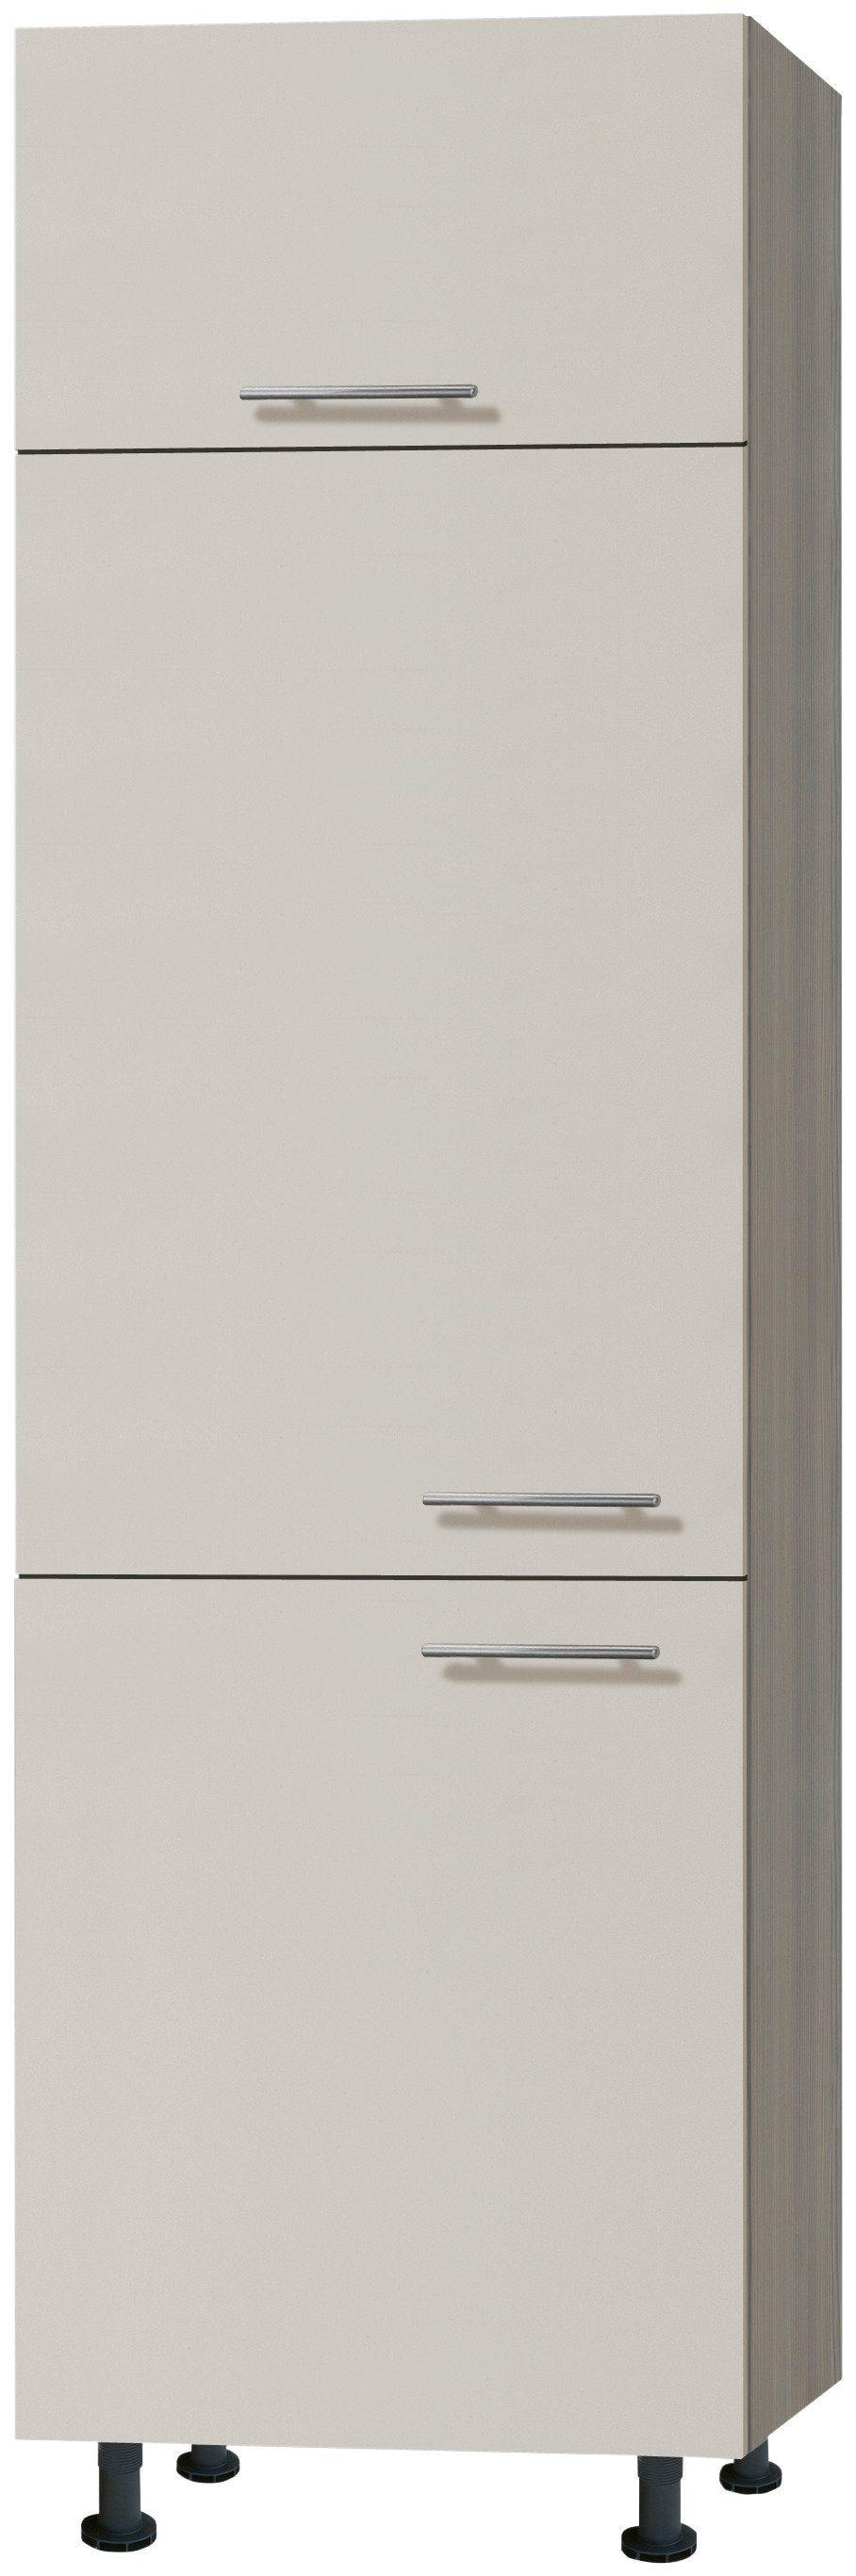 OPTIFIT Kühlumbauschrank »Finn, Höhe 211,8 cm«